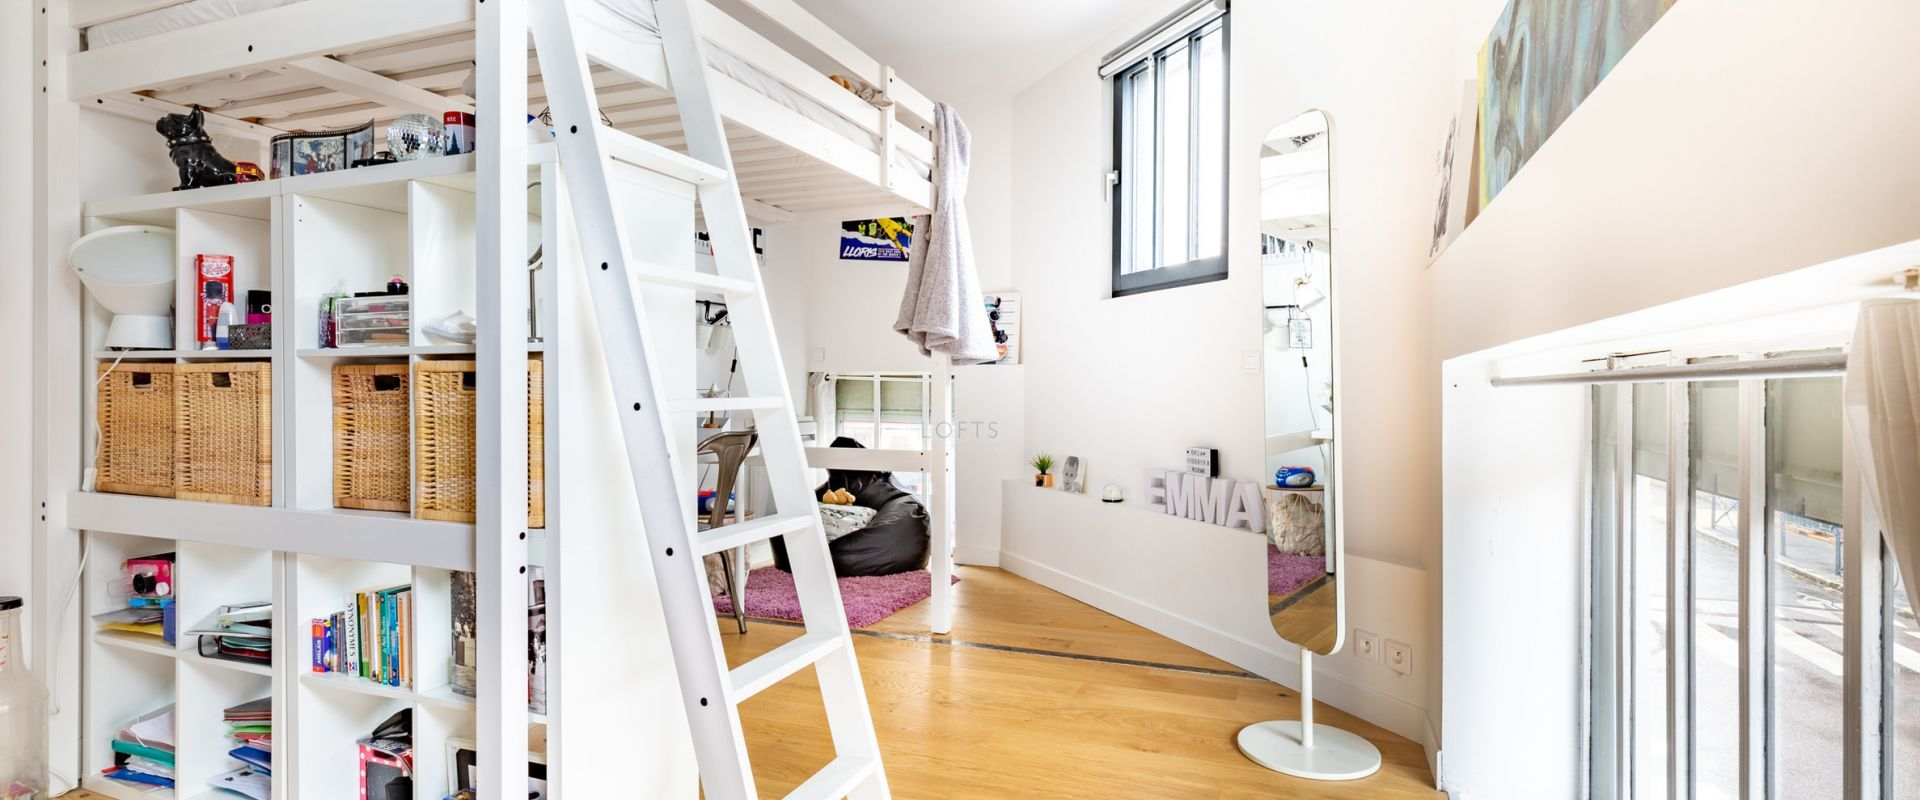 ateliers lofts & associés – agence immobilière à paris